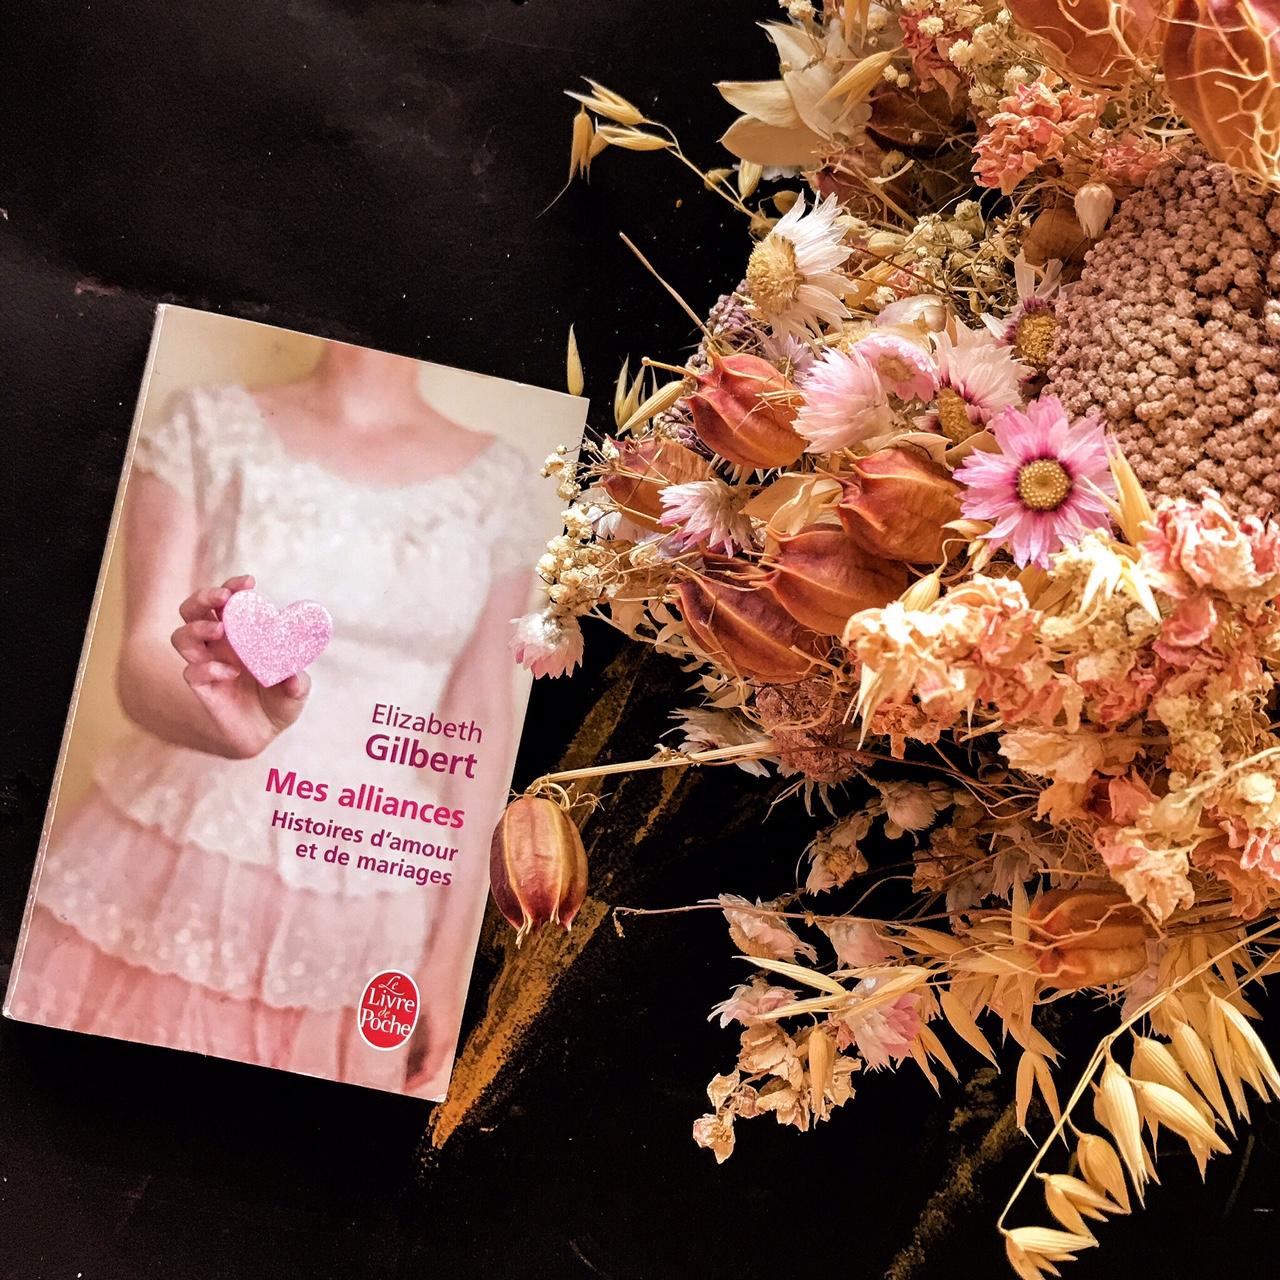 Mes alliances, d'Elizabeth Gilbert : histoires d'amour et de mariage